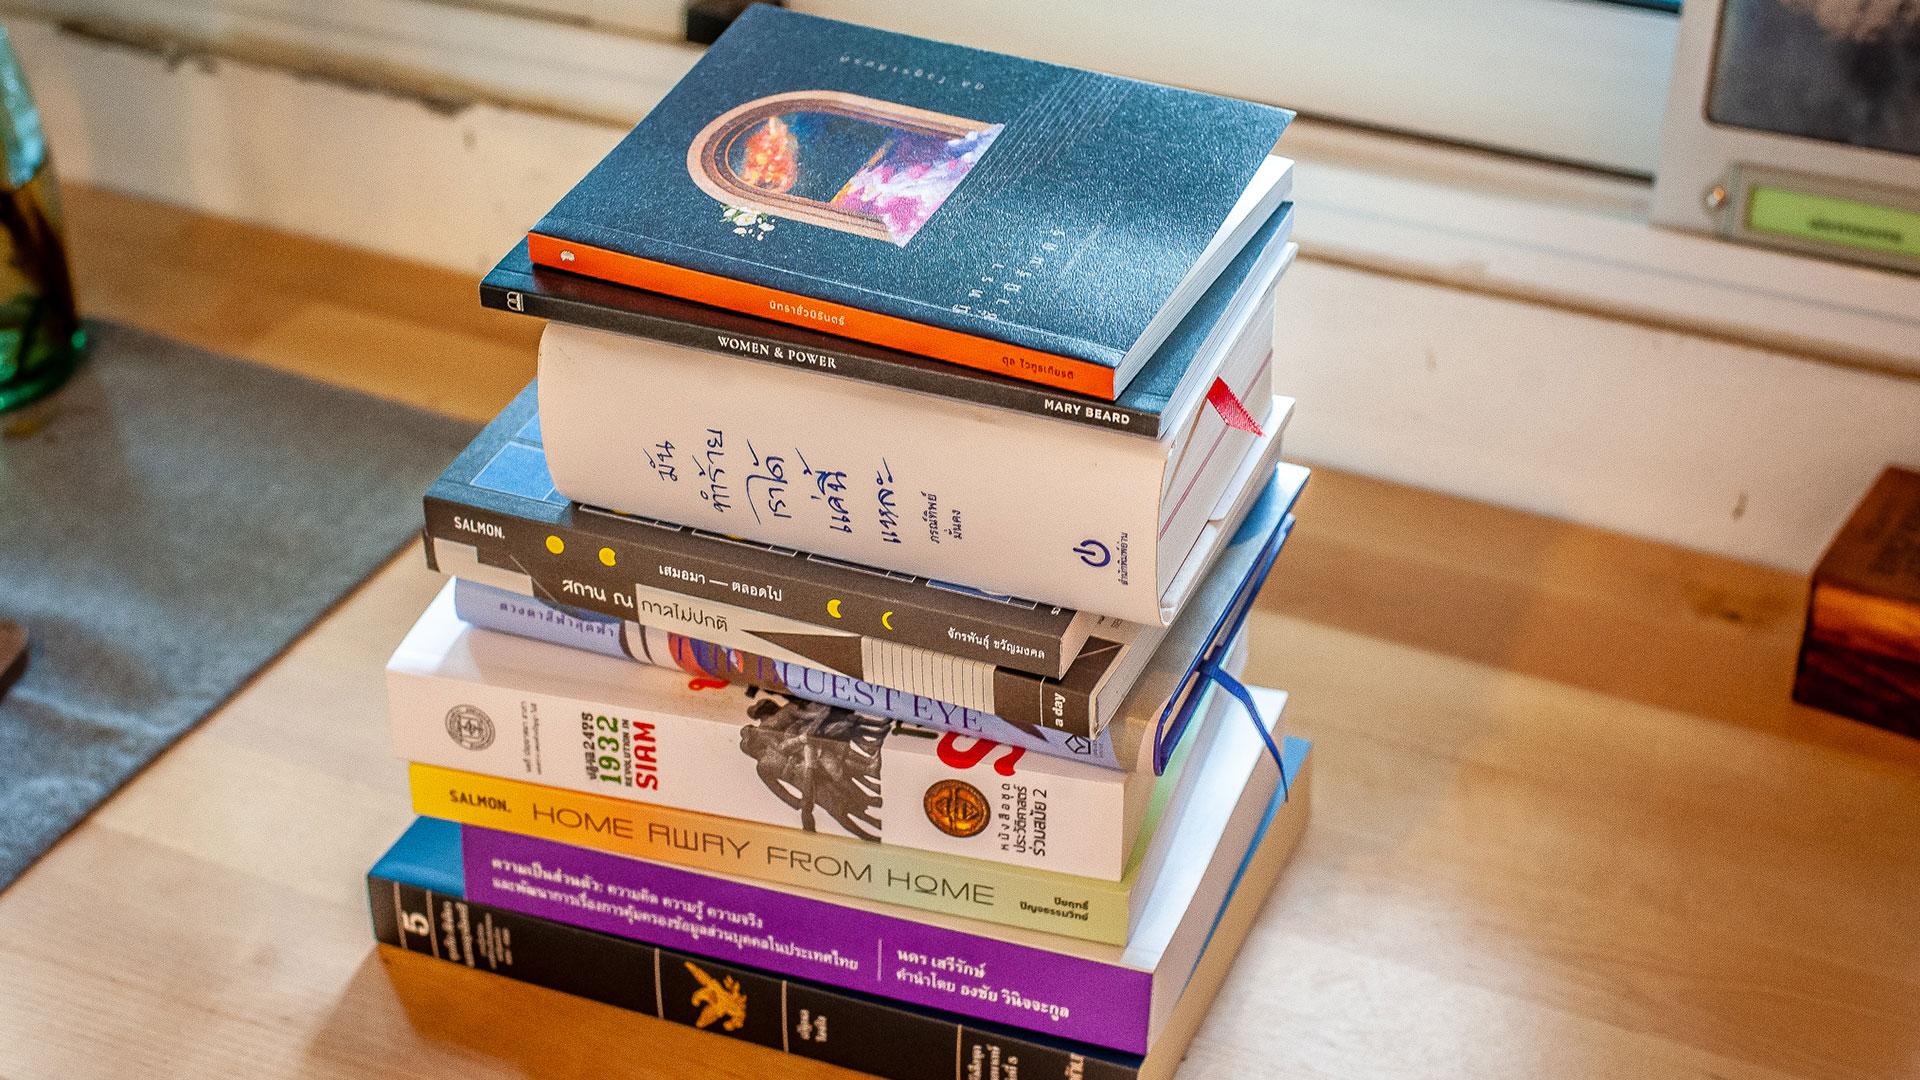 10 หนังสือน่าอ่านน่าสะสมในงานมหกรรมหนังสือ 63